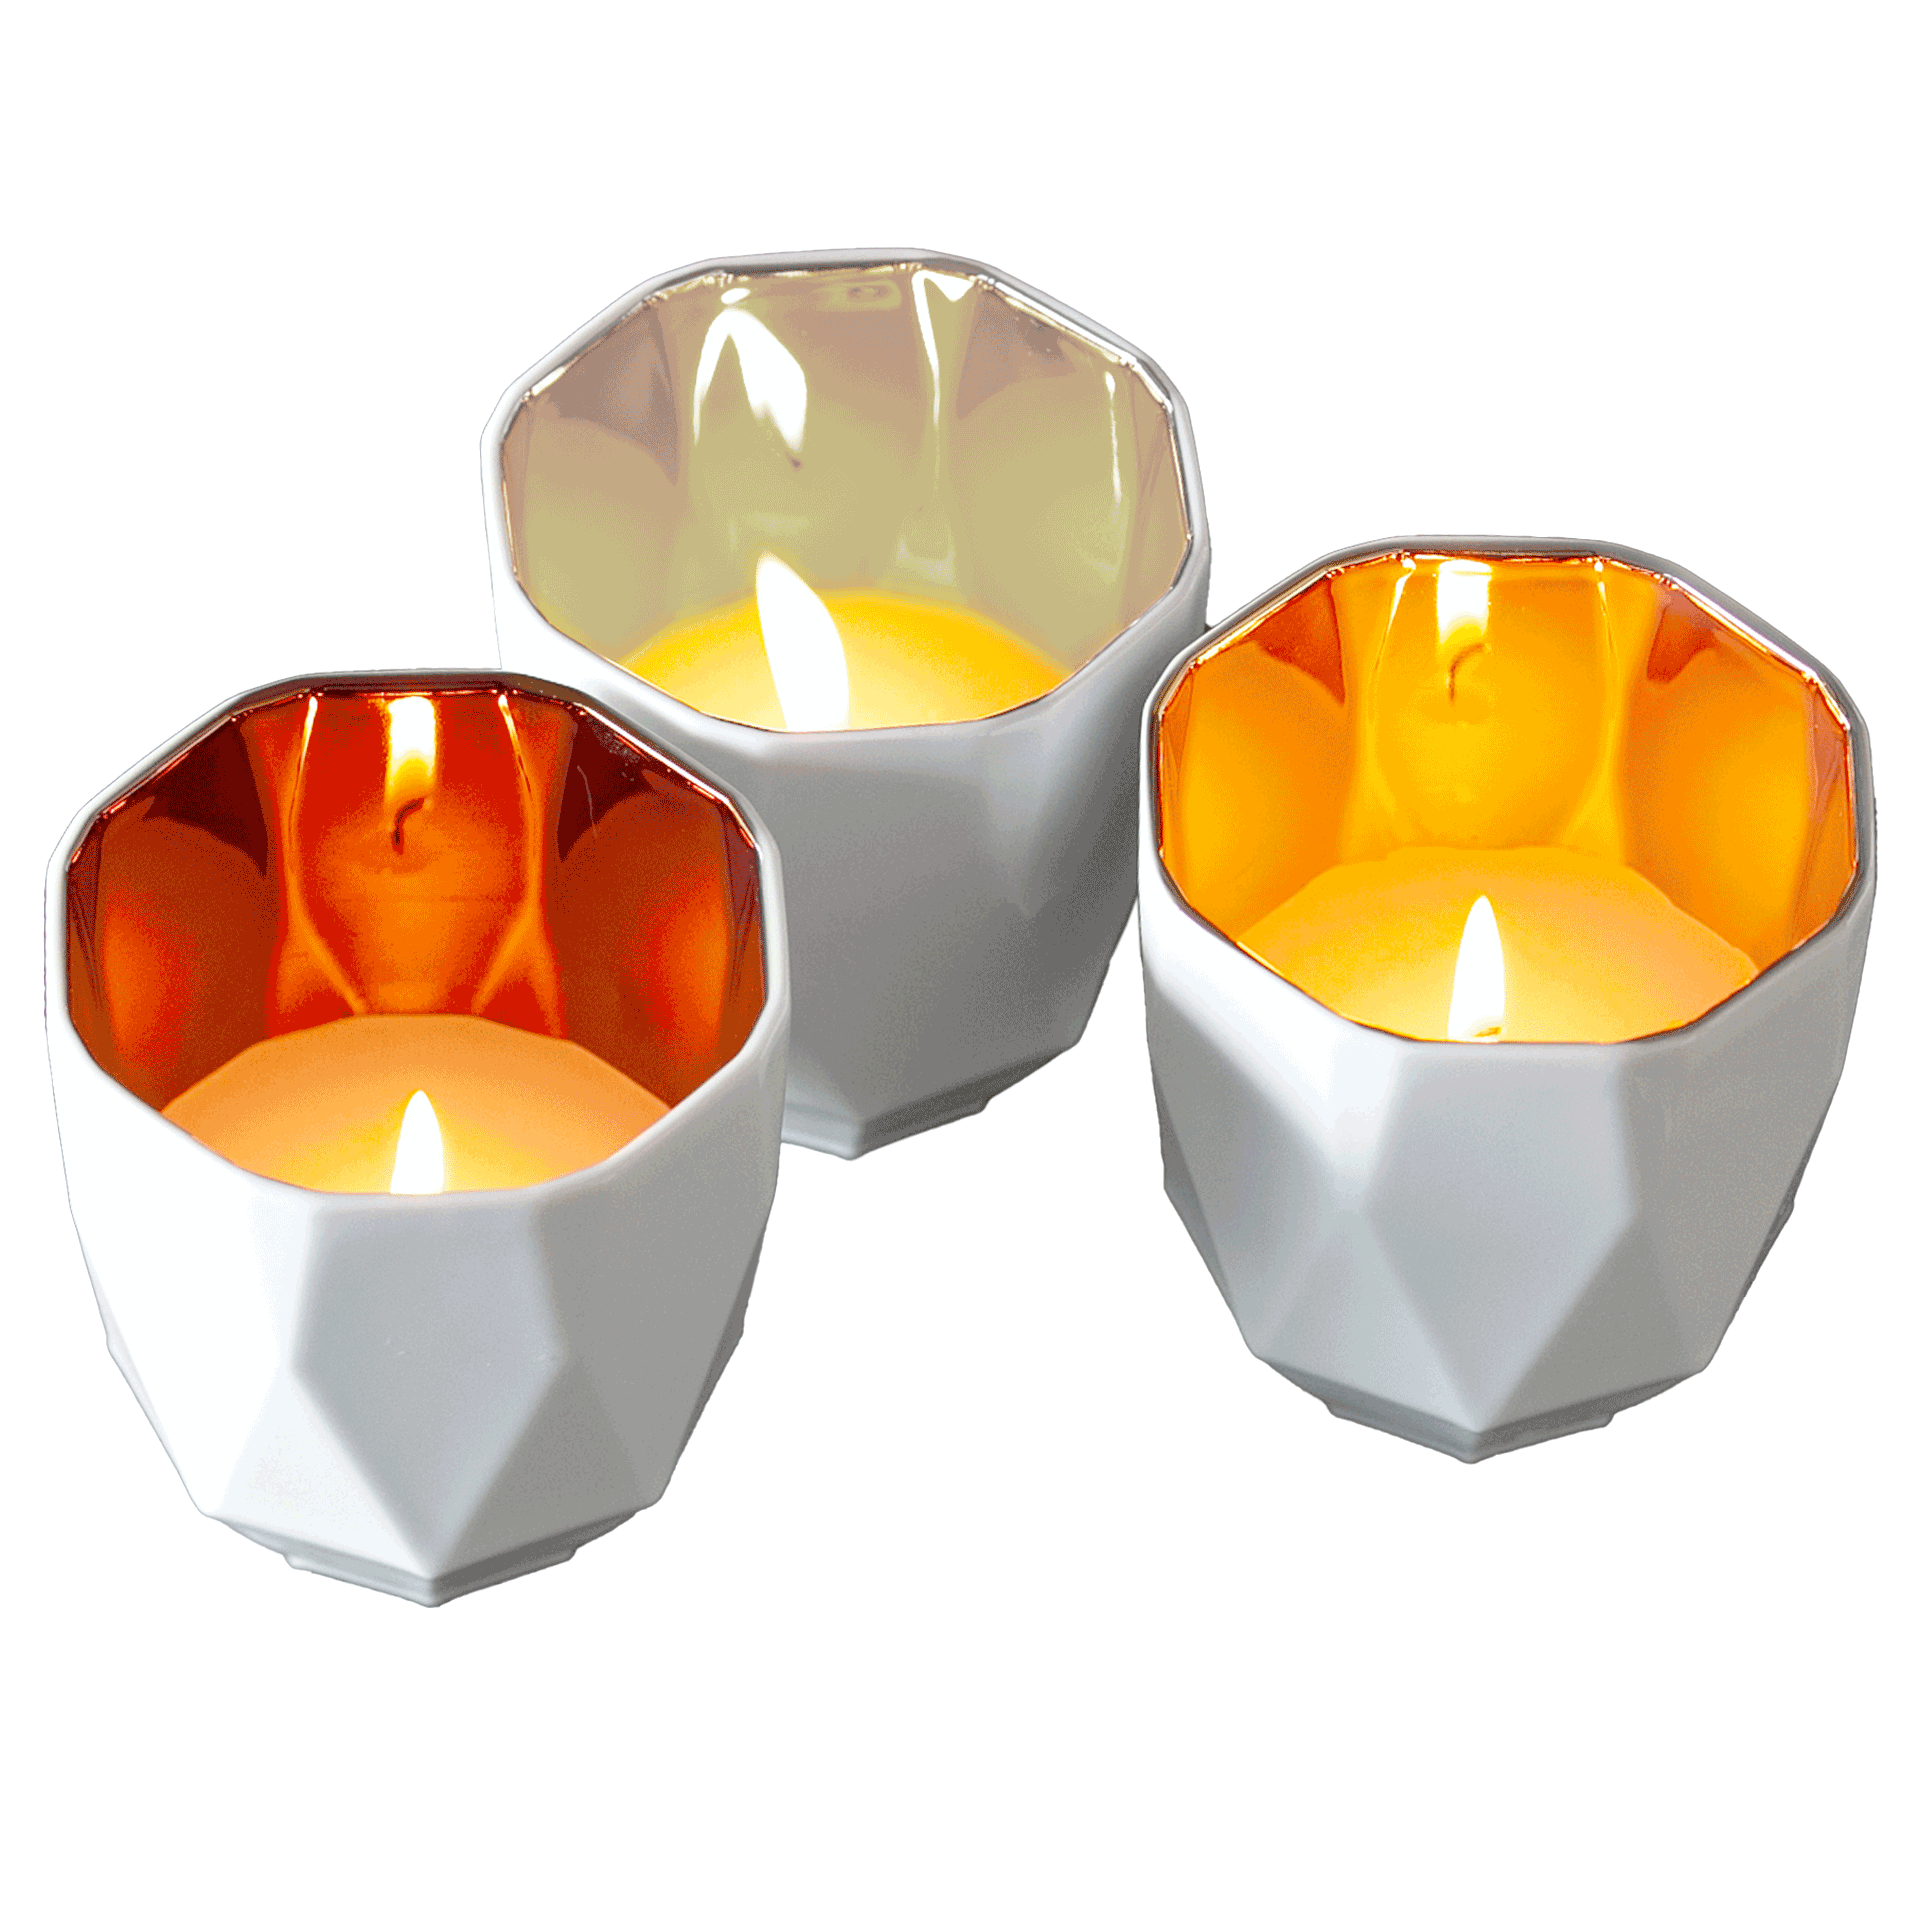 Windlichter für Tisch online Kaufen - Mahlwerck Shop